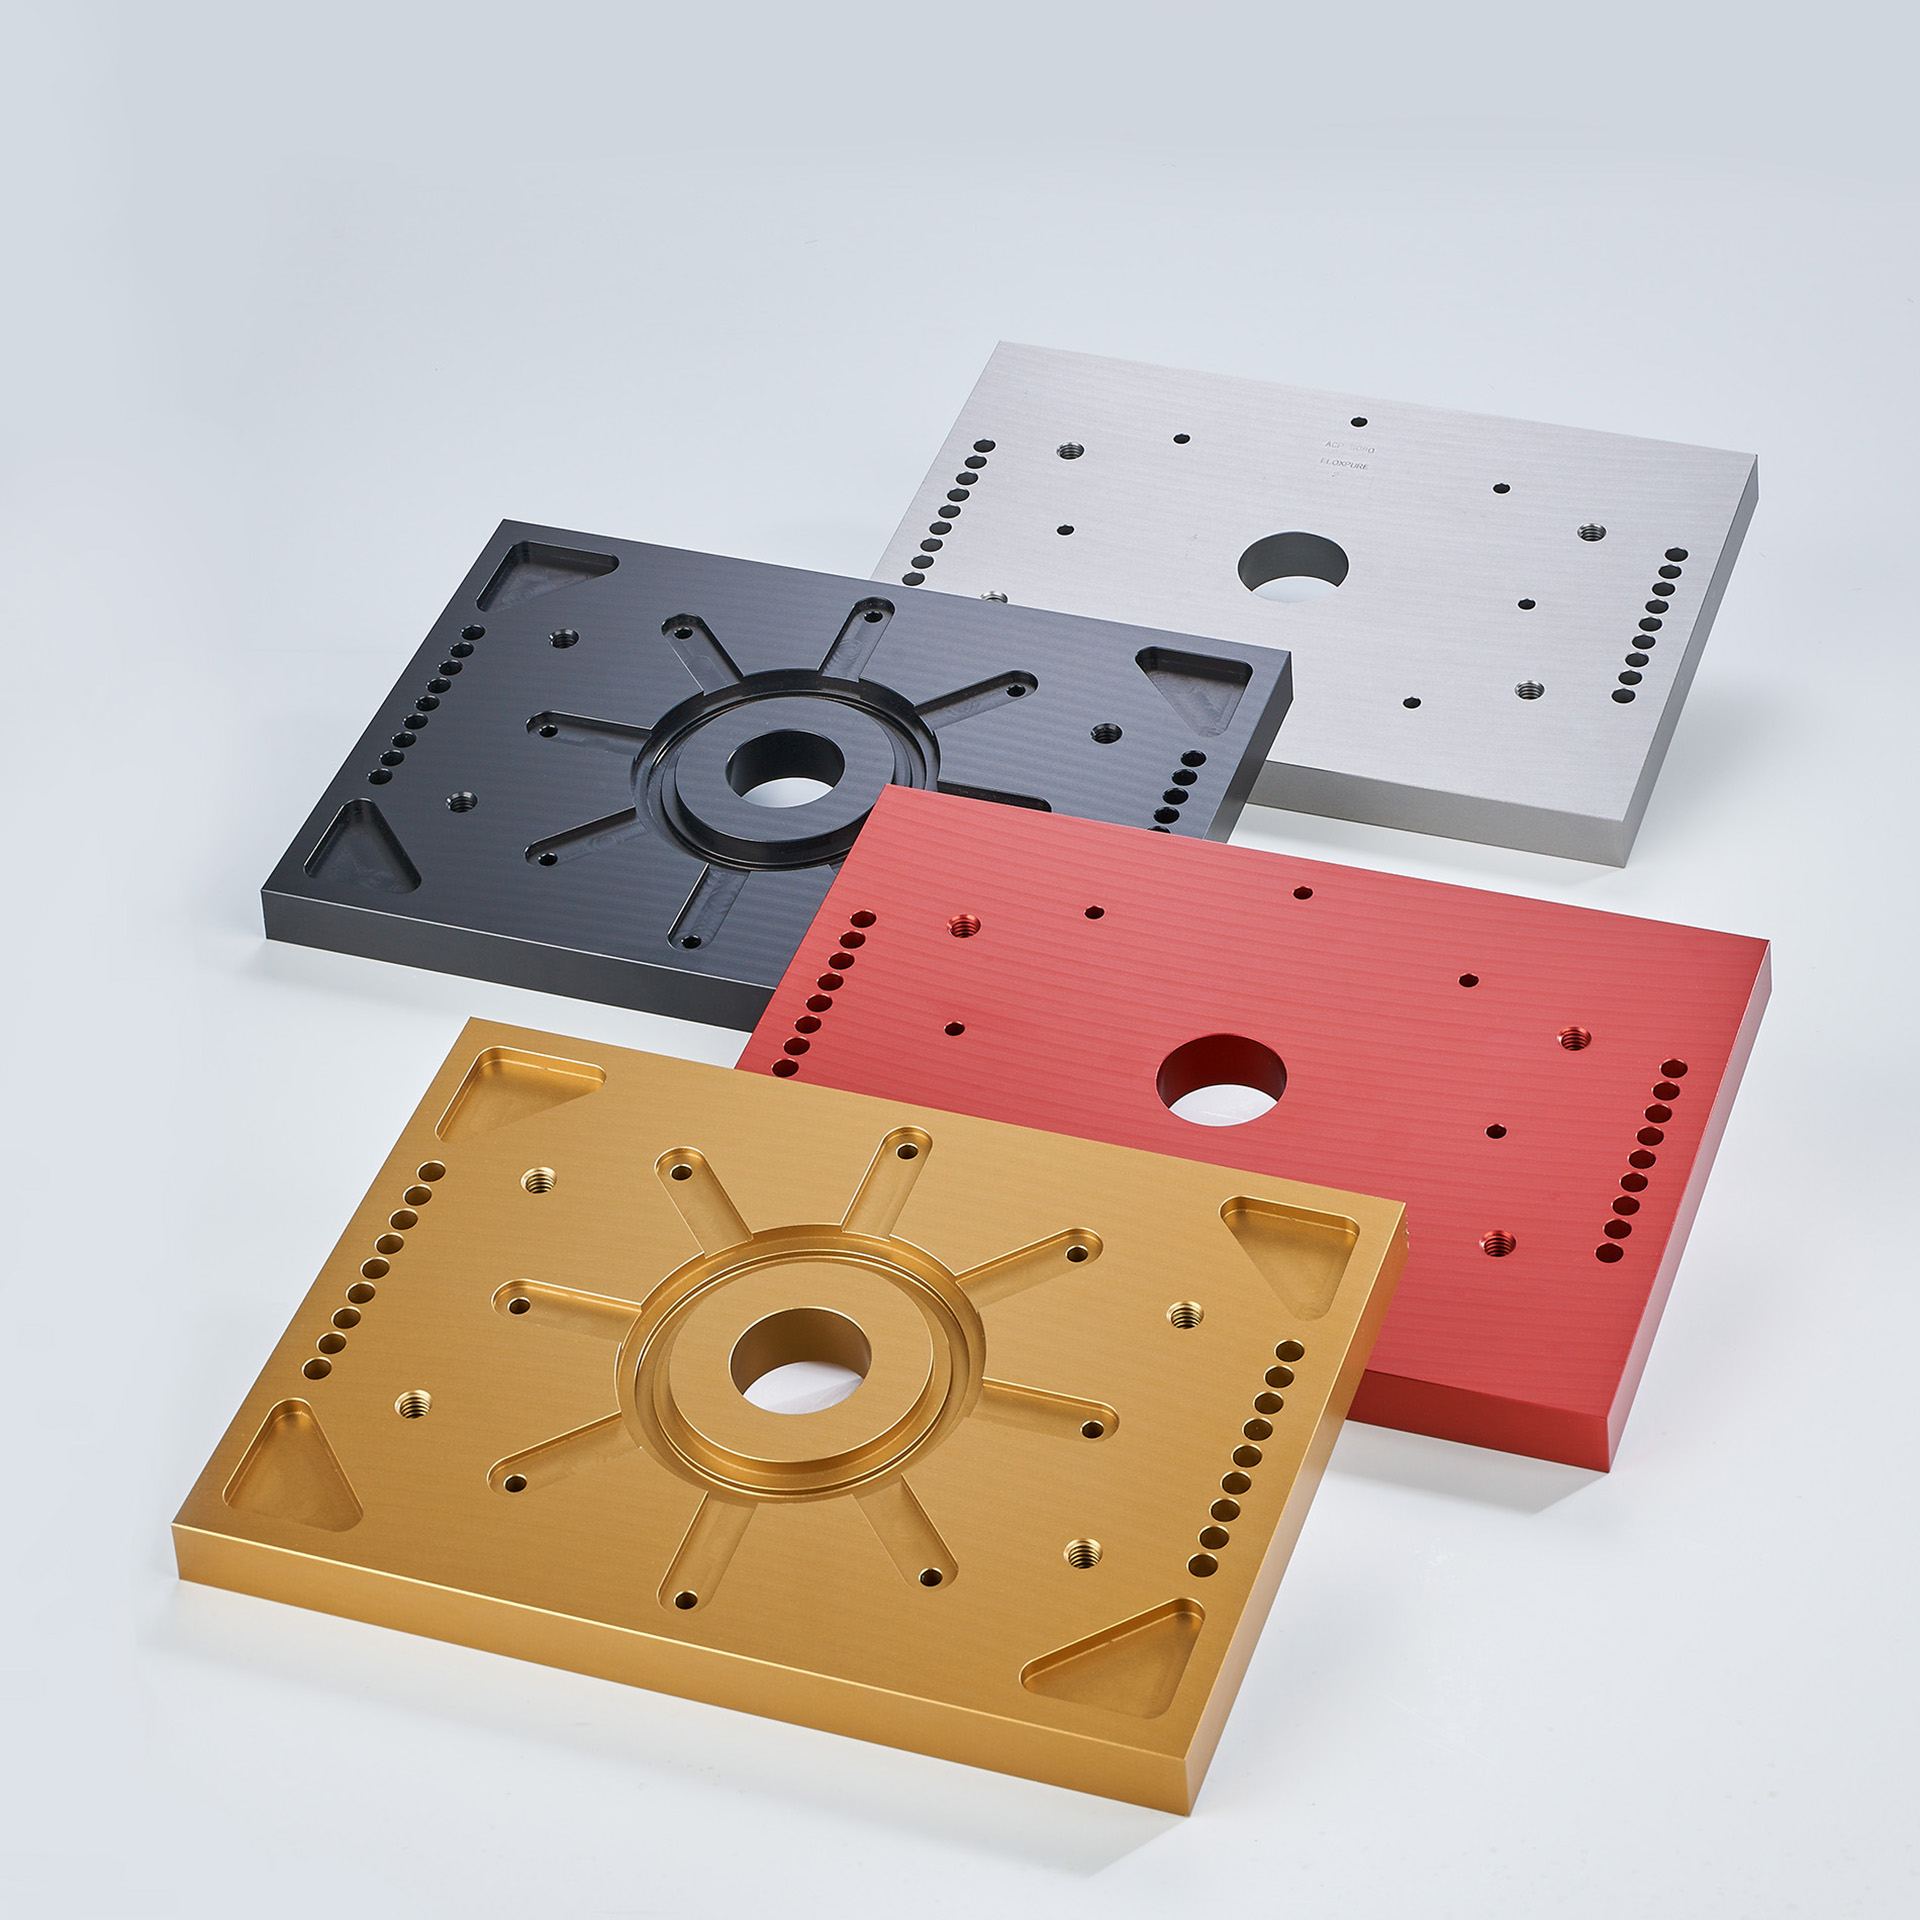 Fotodesign-matthias-schütz-aluminium2